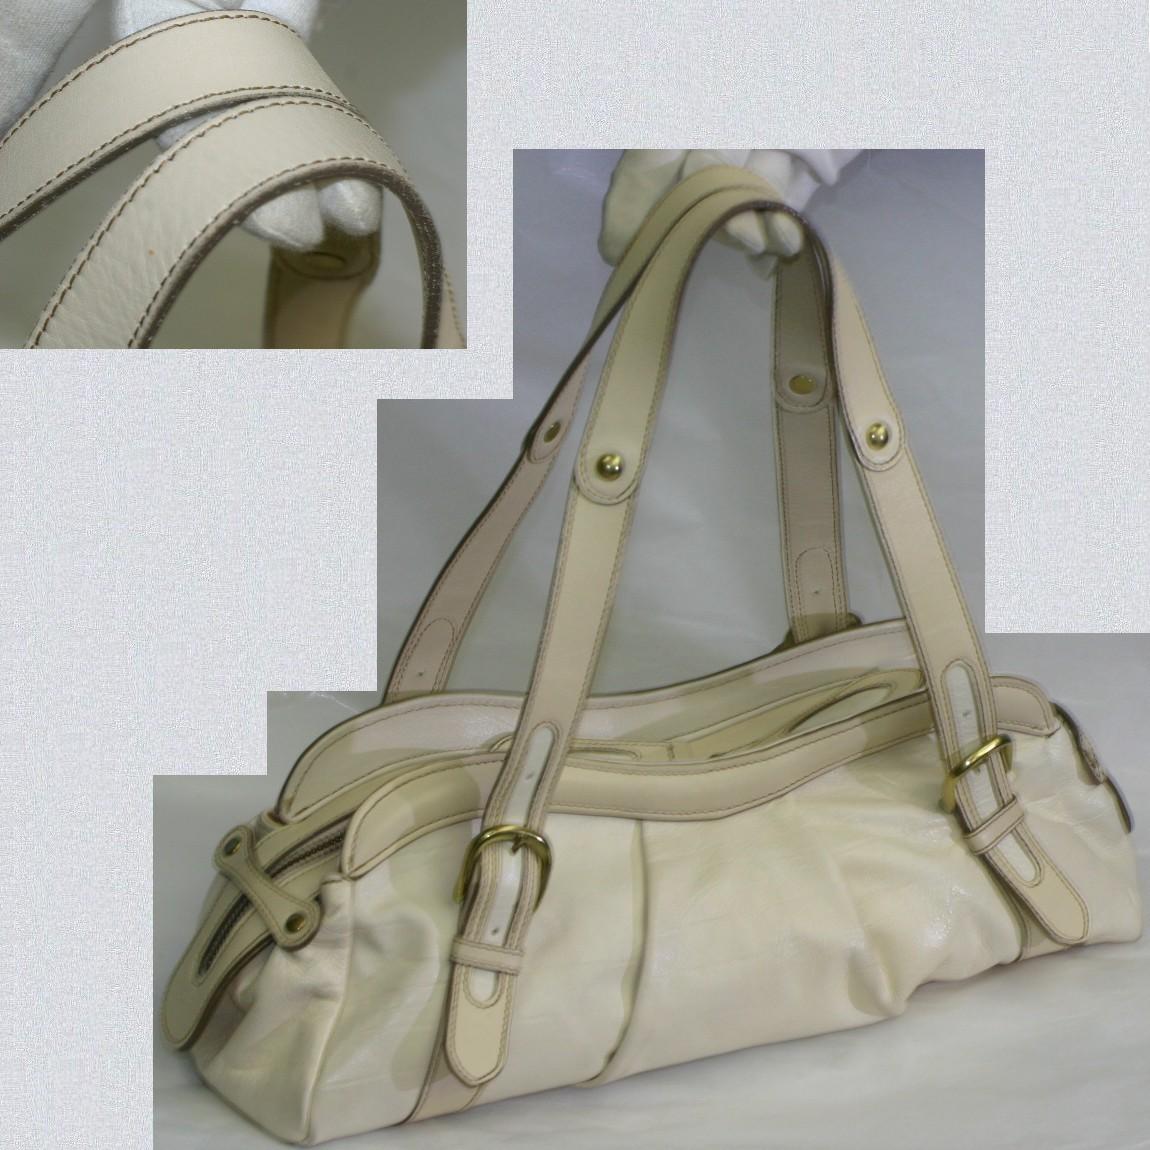 【中古】本物美品ダコタ女性用白い革素材横長ハンドバッグ サイズW38H10D12cm